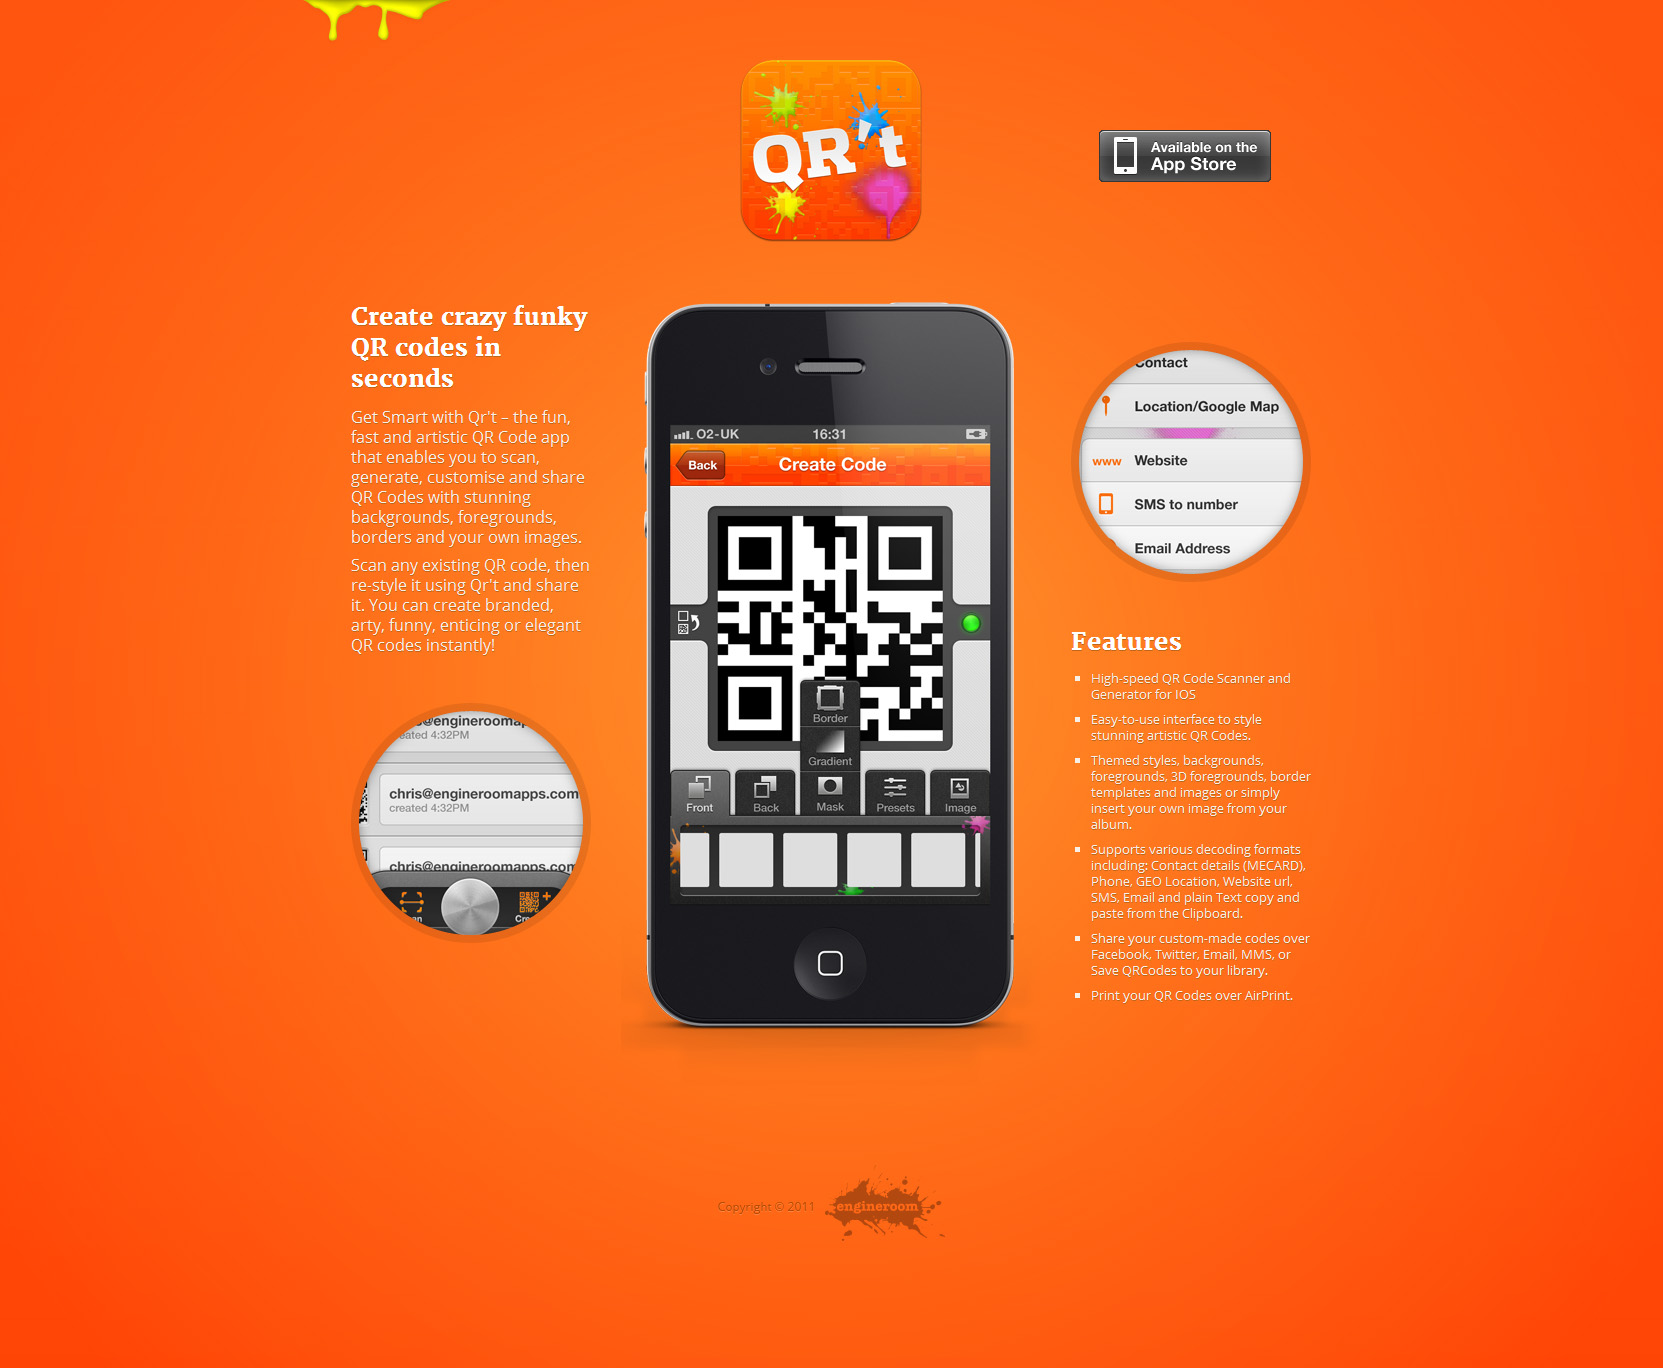 Qr't Website Screenshot